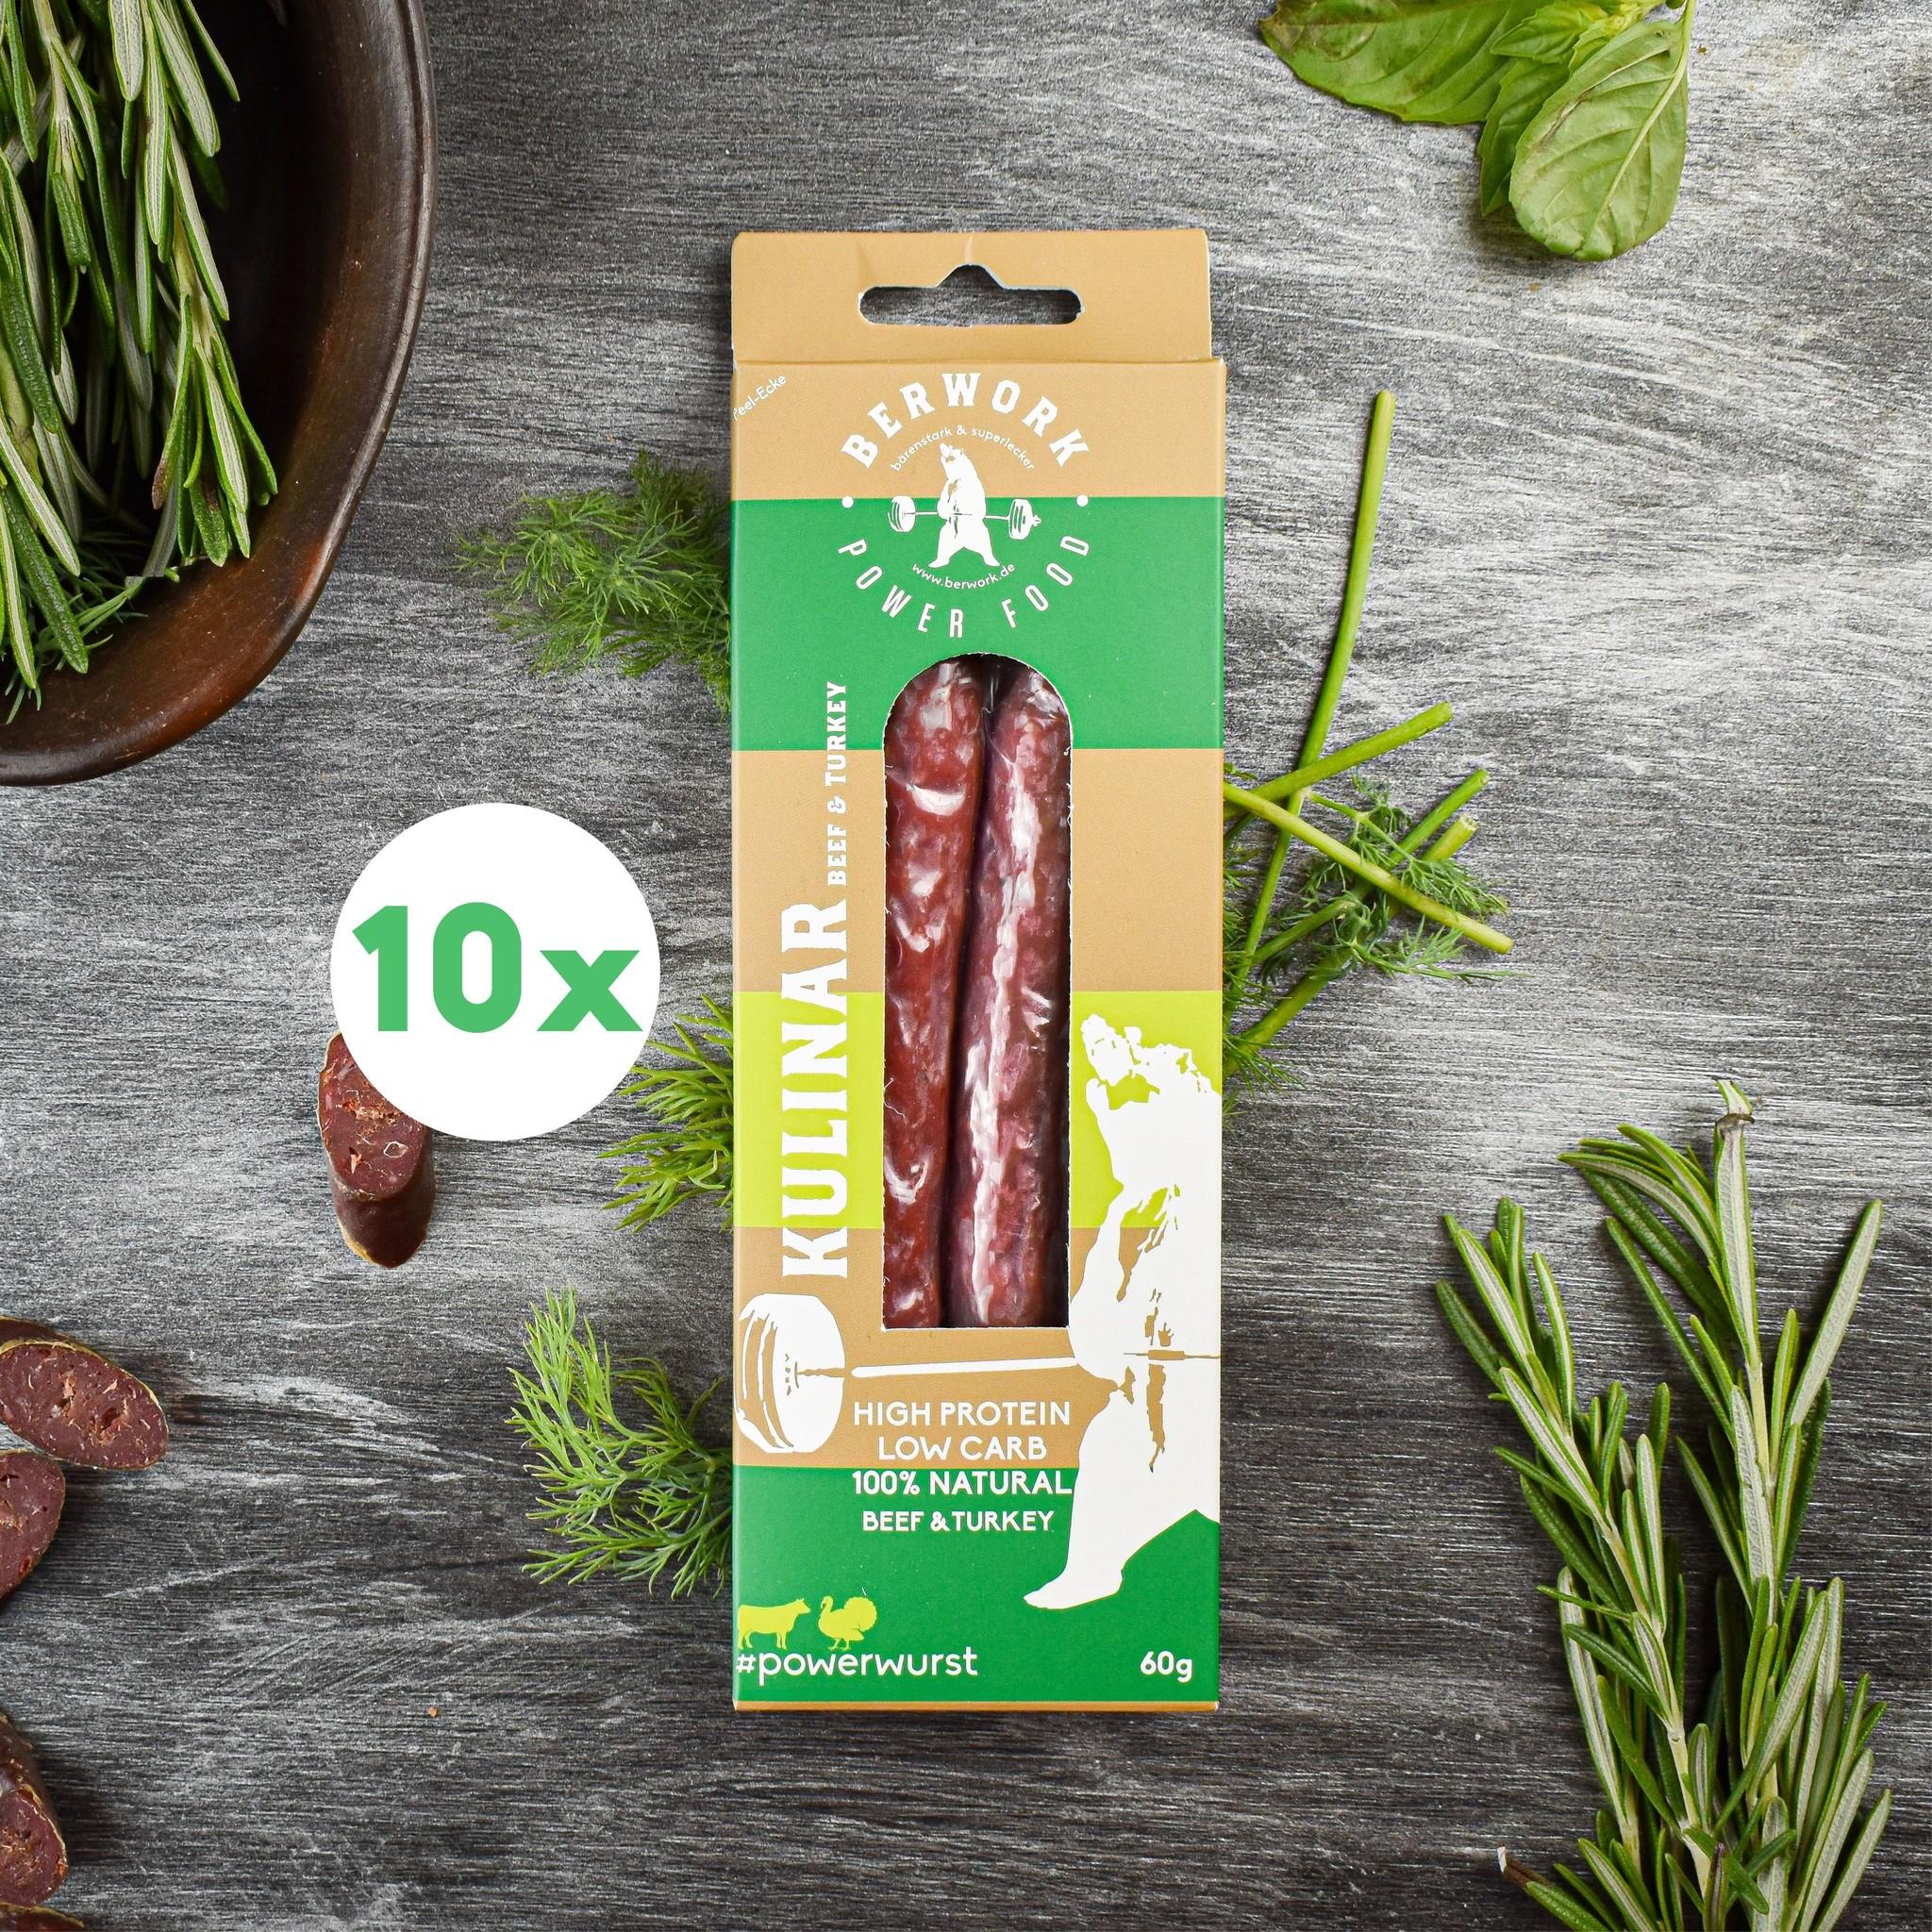 berwork Powerwurst Kulinar Rind-Putenfleisch 10er Bundle (600g)